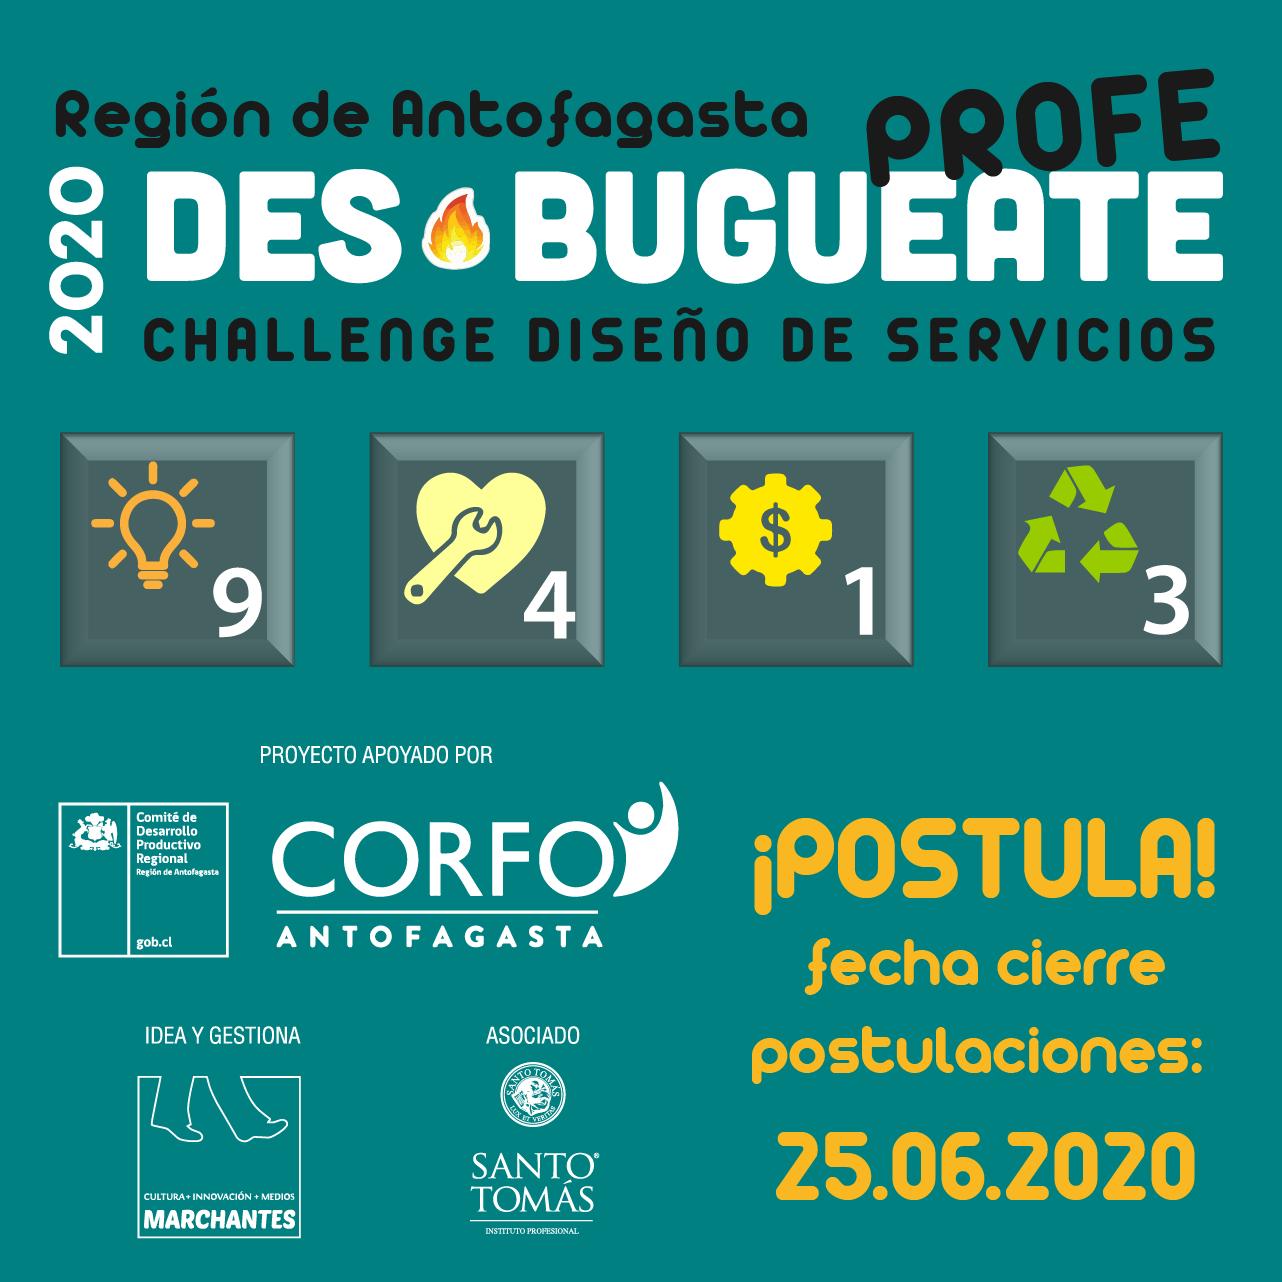 DES-BUGUEATE CHALLENGE DISEÑO DE SERVICIOS 2020:  EL USUARIO COMO CENTRO DE LA ACCIÓN EN ANTOFAGASTA